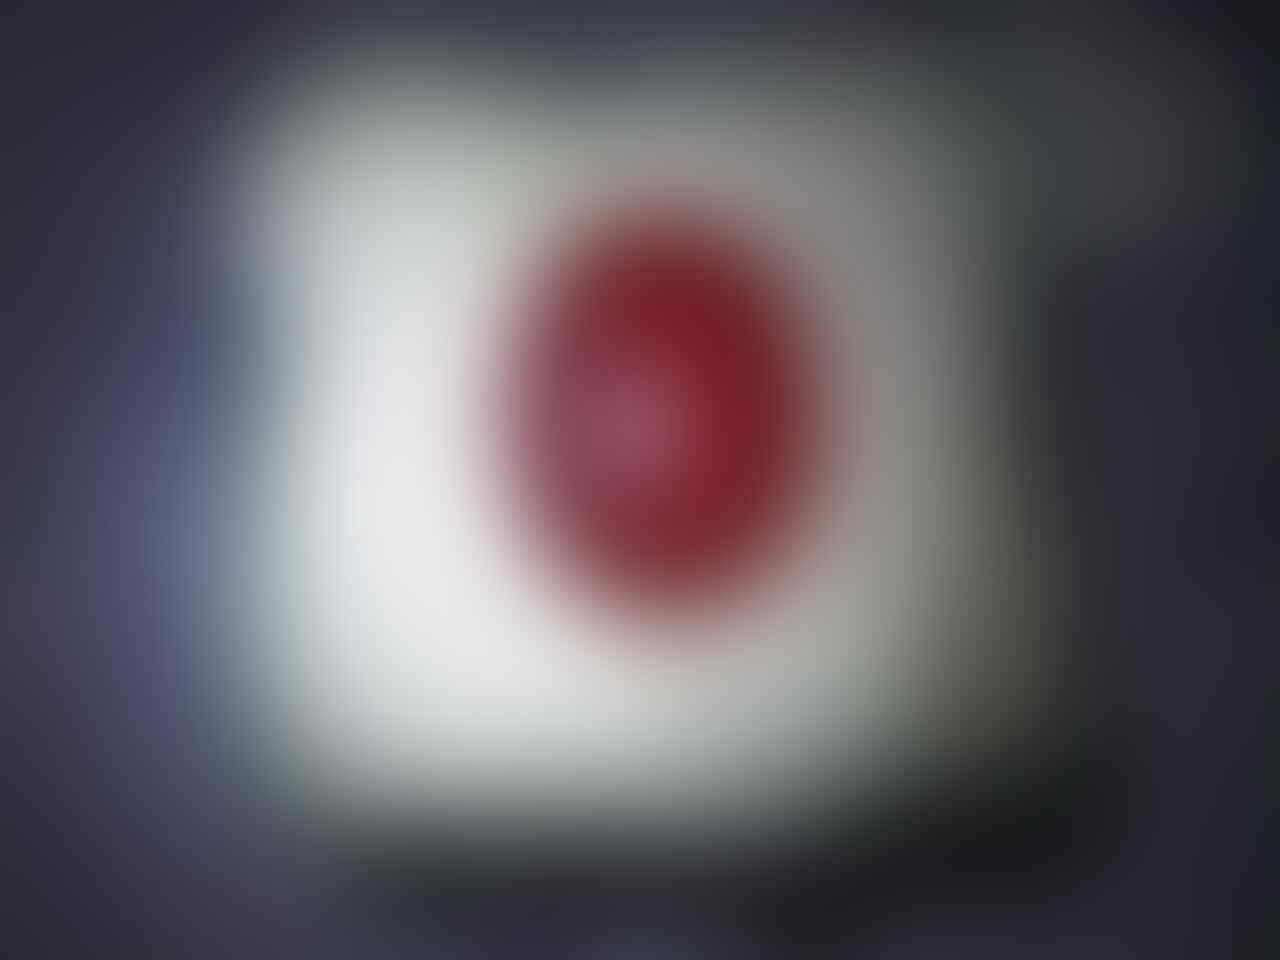 LELANG BATU MURAH Ruby Mada, Moonstone, Akik Darah, Calchedony, Peridot. Off 29/12/13